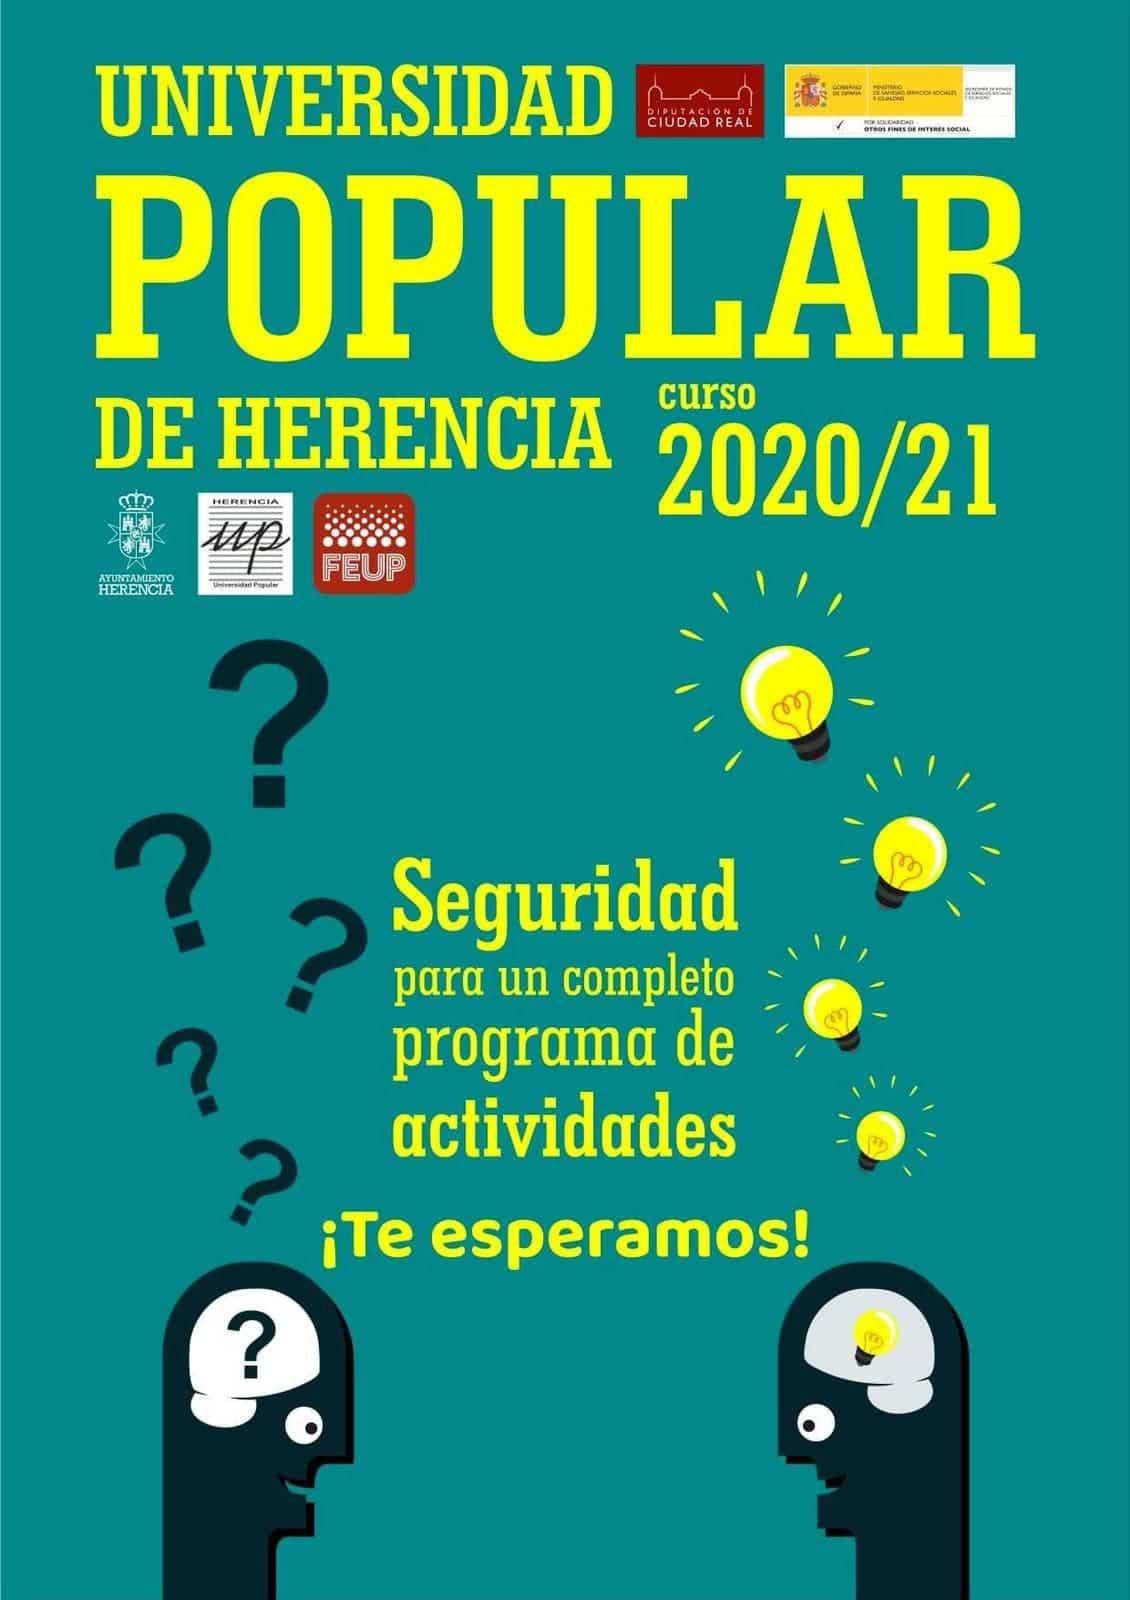 La Universidad Popular de Herencia arranca una nueva edición con ilusión y esfuerzo 9